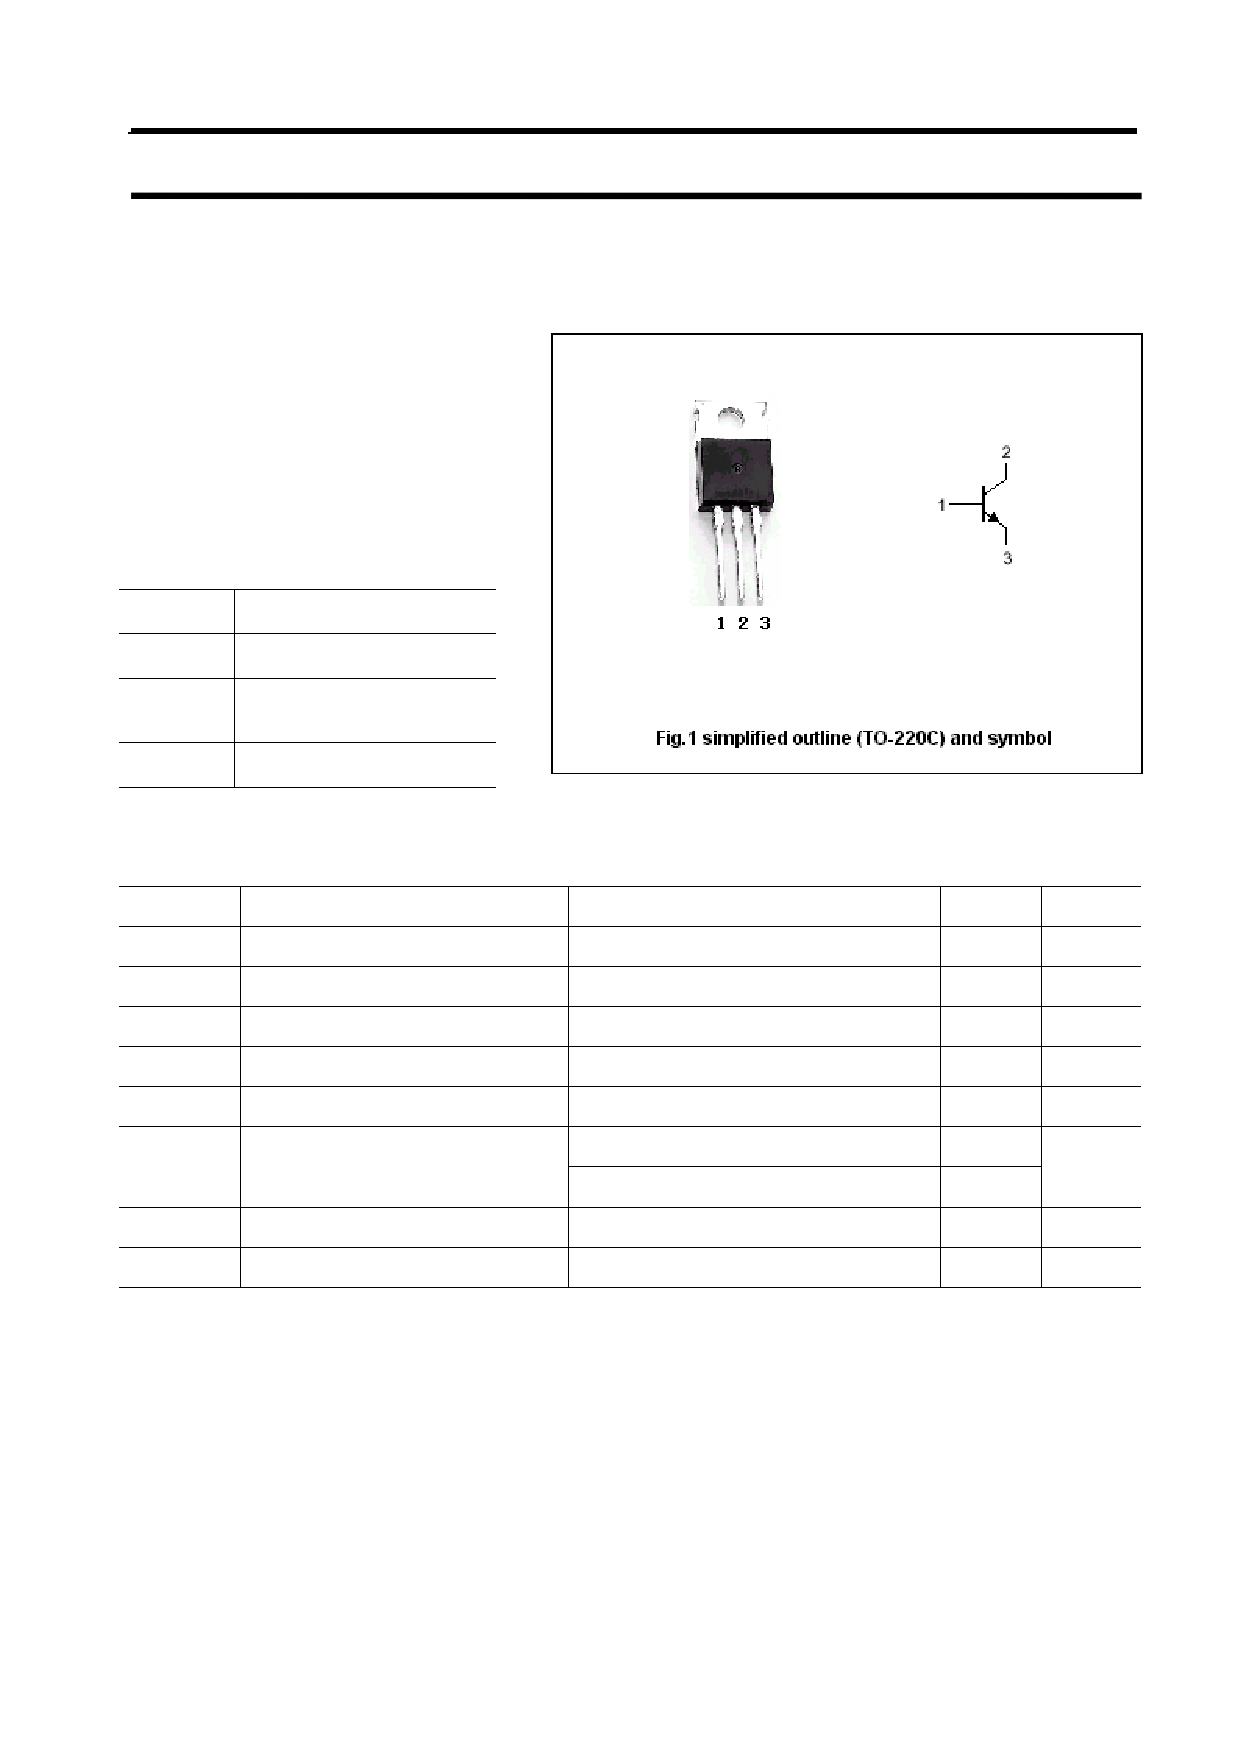 D1351 pdf datasheet image